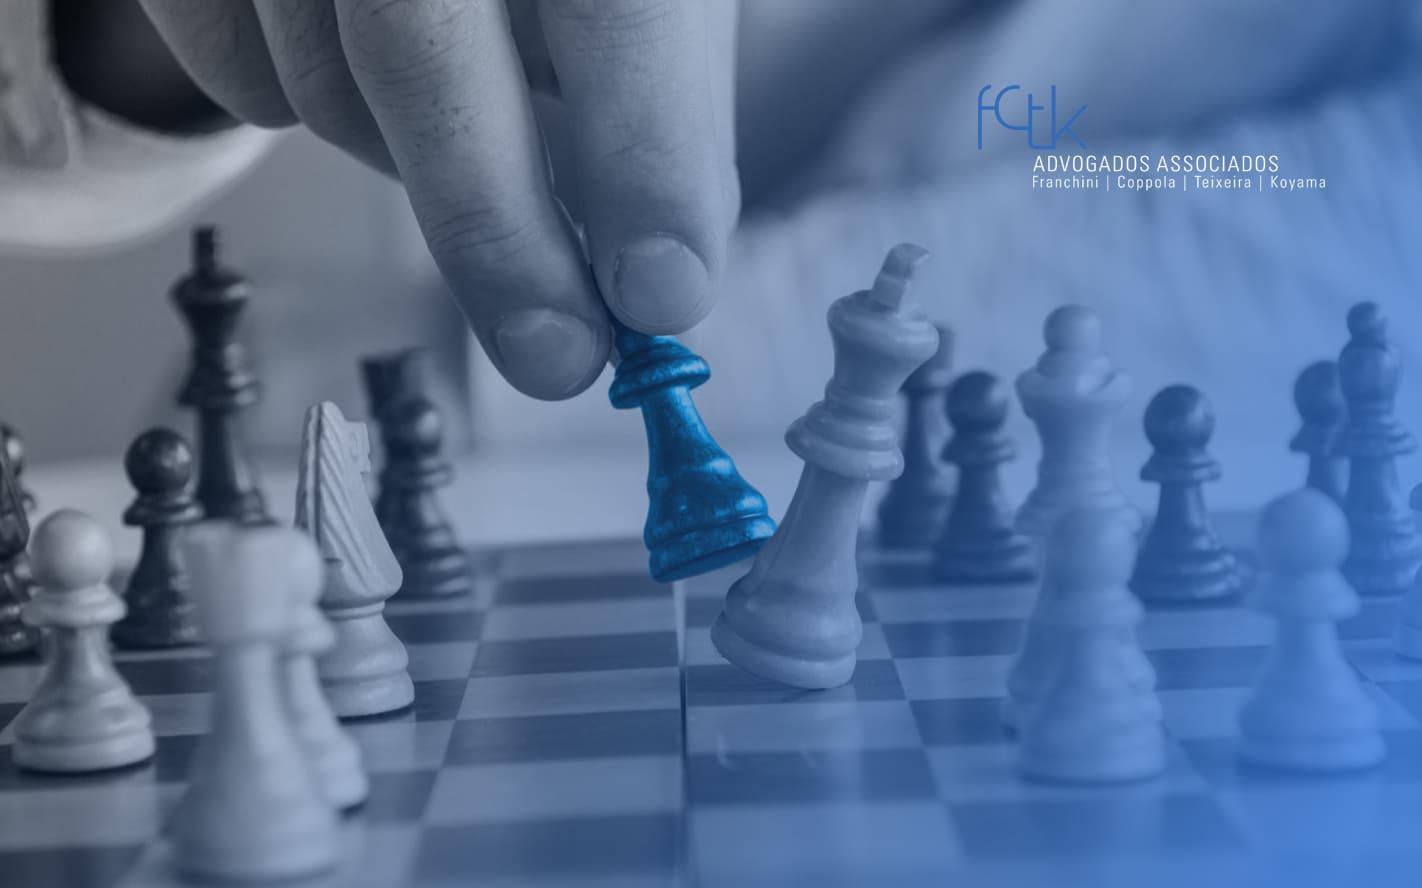 [Concorrência Desleal – O que a Caracteriza e o que é Possível Fazer?]